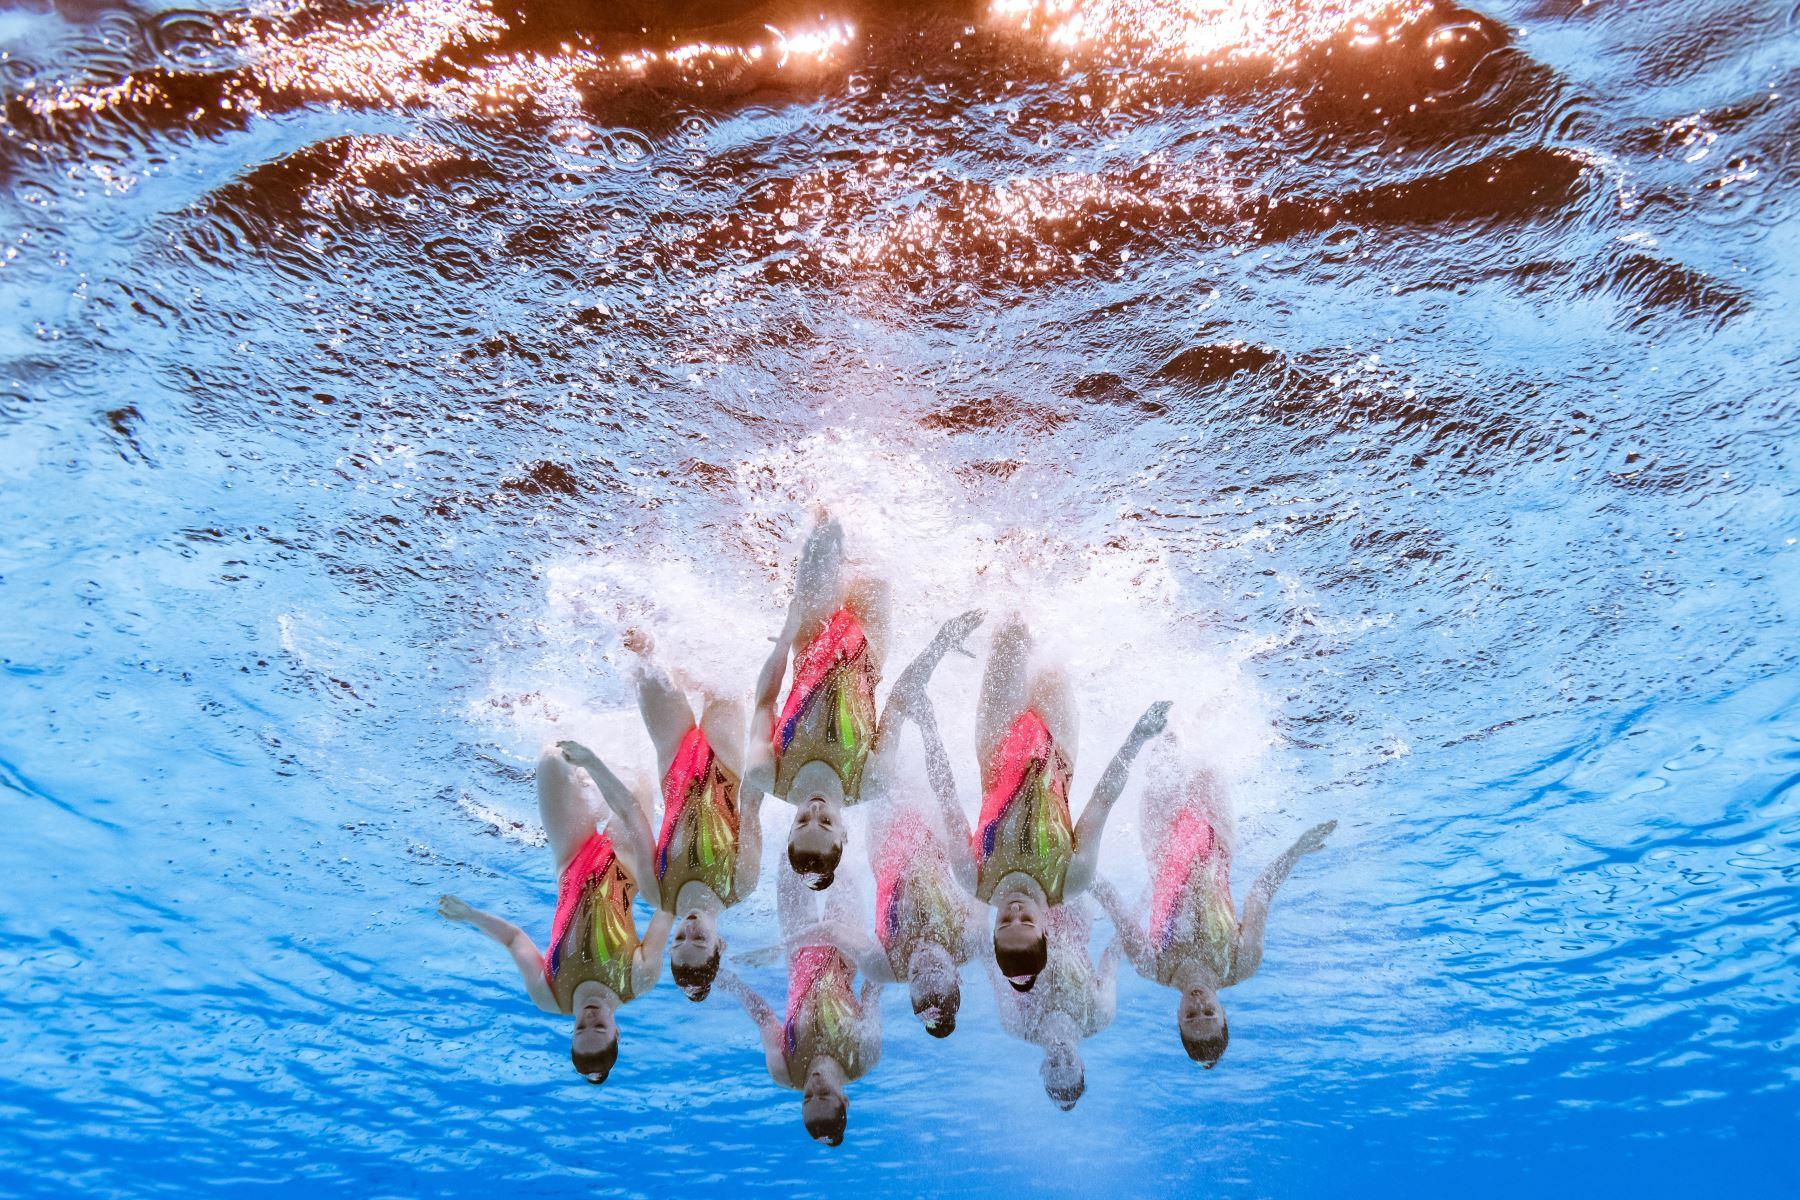 El equipo de Francia compite en el evento de natación artística durante el campeonato mundial 2019 en Corea del Sur. Foto: AFP